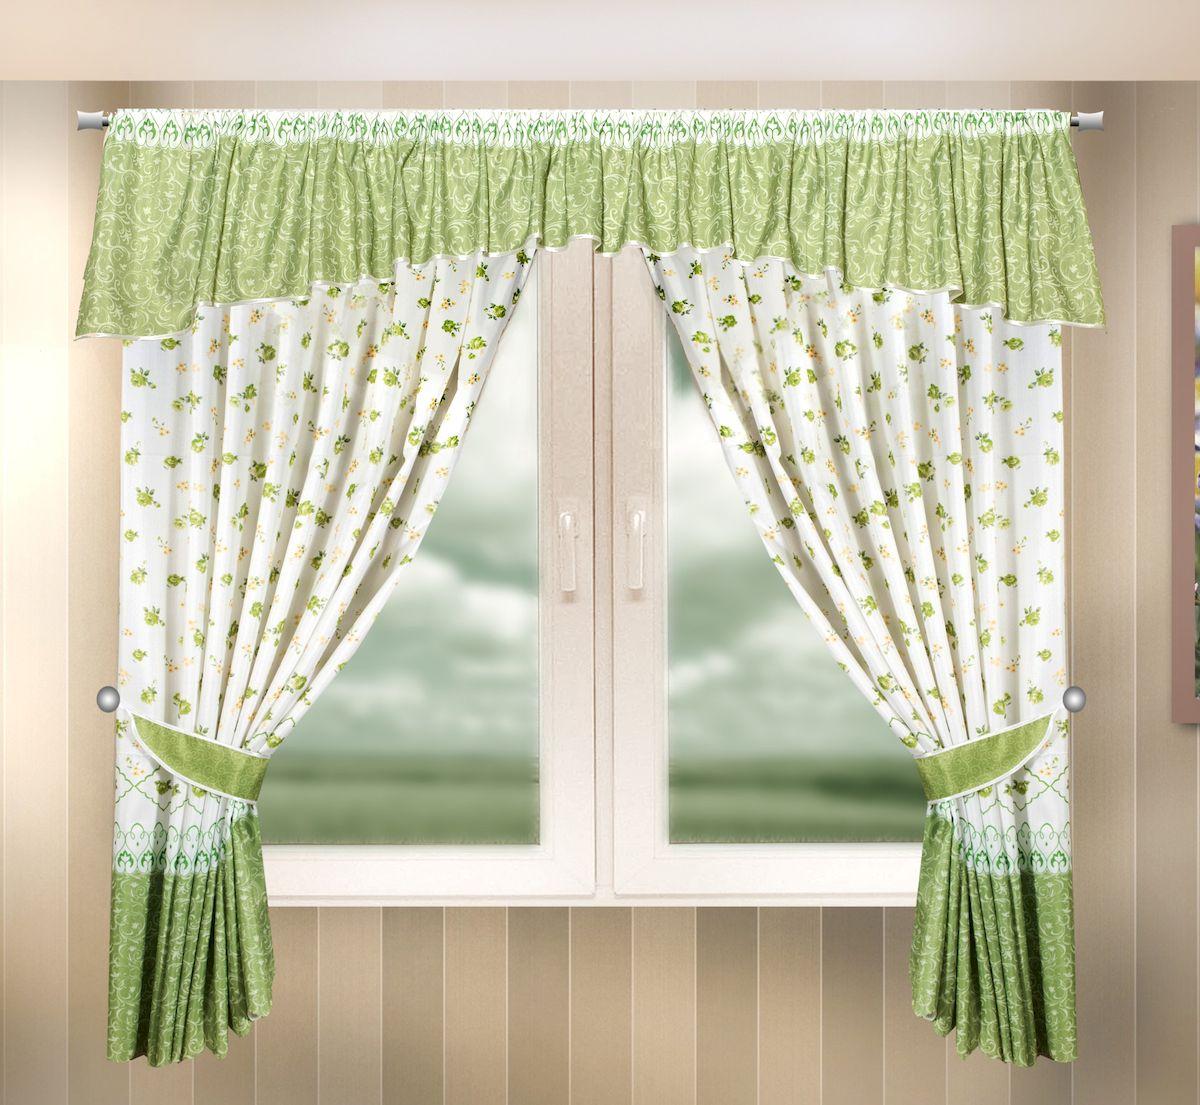 Комплект штор для кухни Zlata Korunka, на ленте, цвет: зеленый, высота 170 см. 33333698299571Комплект штор для кухни Zlata Korunka, выполненный из полиэстера, великолепно украсит любое окно. Комплект состоит из ламбрекена, 2 штор и 2 подхватов. Цветочный рисунок и приятная цветовая гамма привлекут к себе внимание и органично впишутся в интерьер помещения. Этот комплект будет долгое время радовать вас и вашу семью!Комплект крепится на карниз при помощи ленты, которая поможет красиво и равномерно задрапировать верх.В комплект входит: Ламбрекен: 1 шт. Размер (Ш х В): 290 х 35 см.Штора: 2 шт. Размер (Ш х В): 140 х 170 см.Подхват: 2 шт.